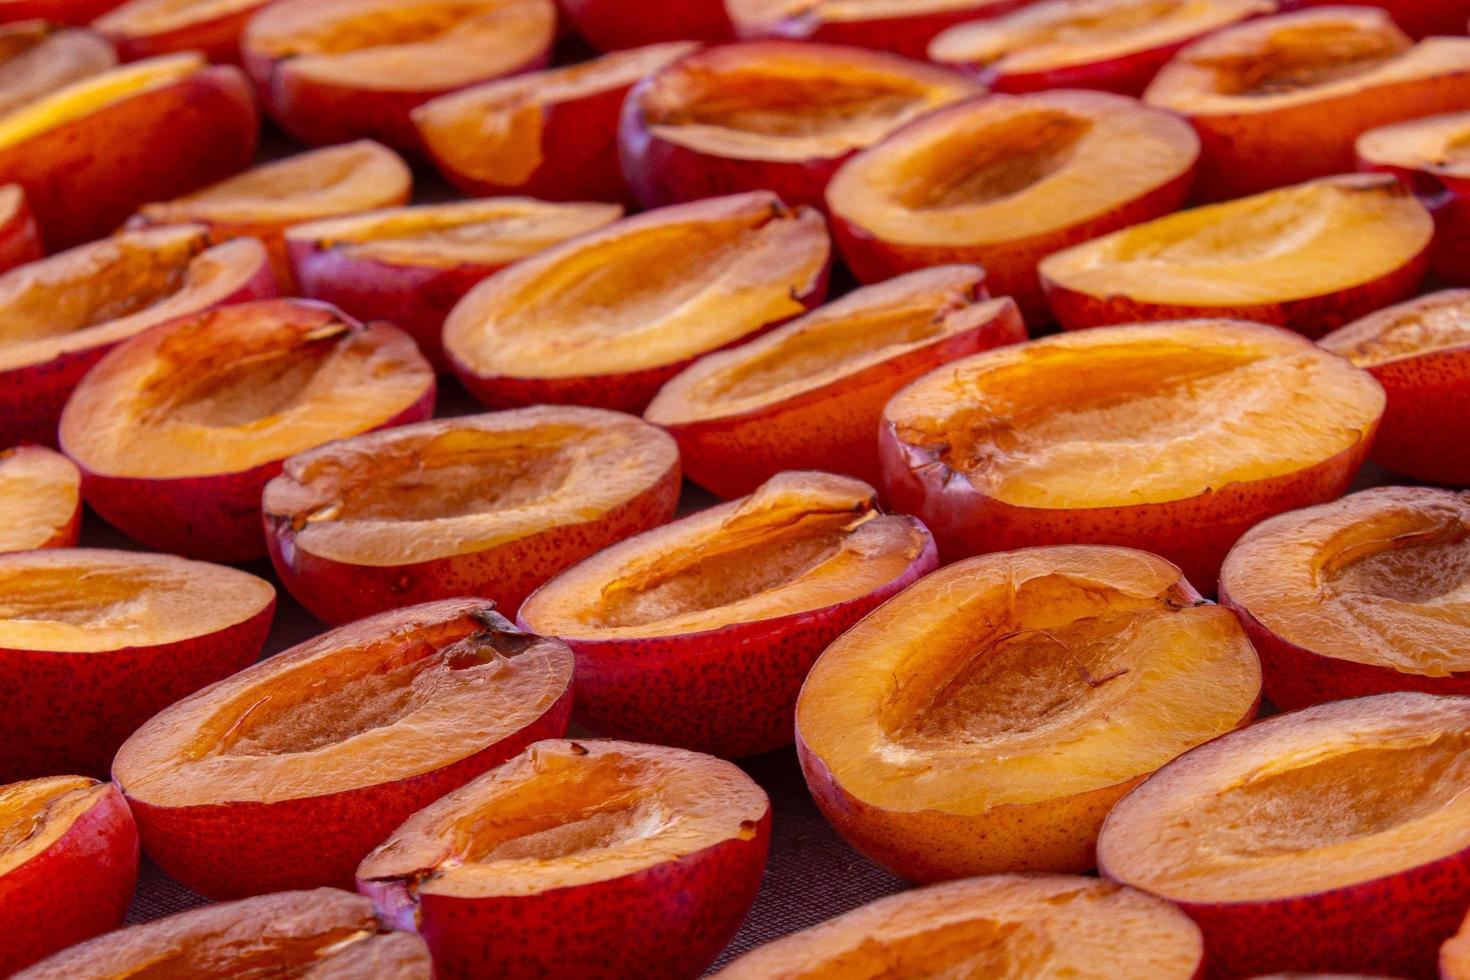 séchage des moitiés de prune photo